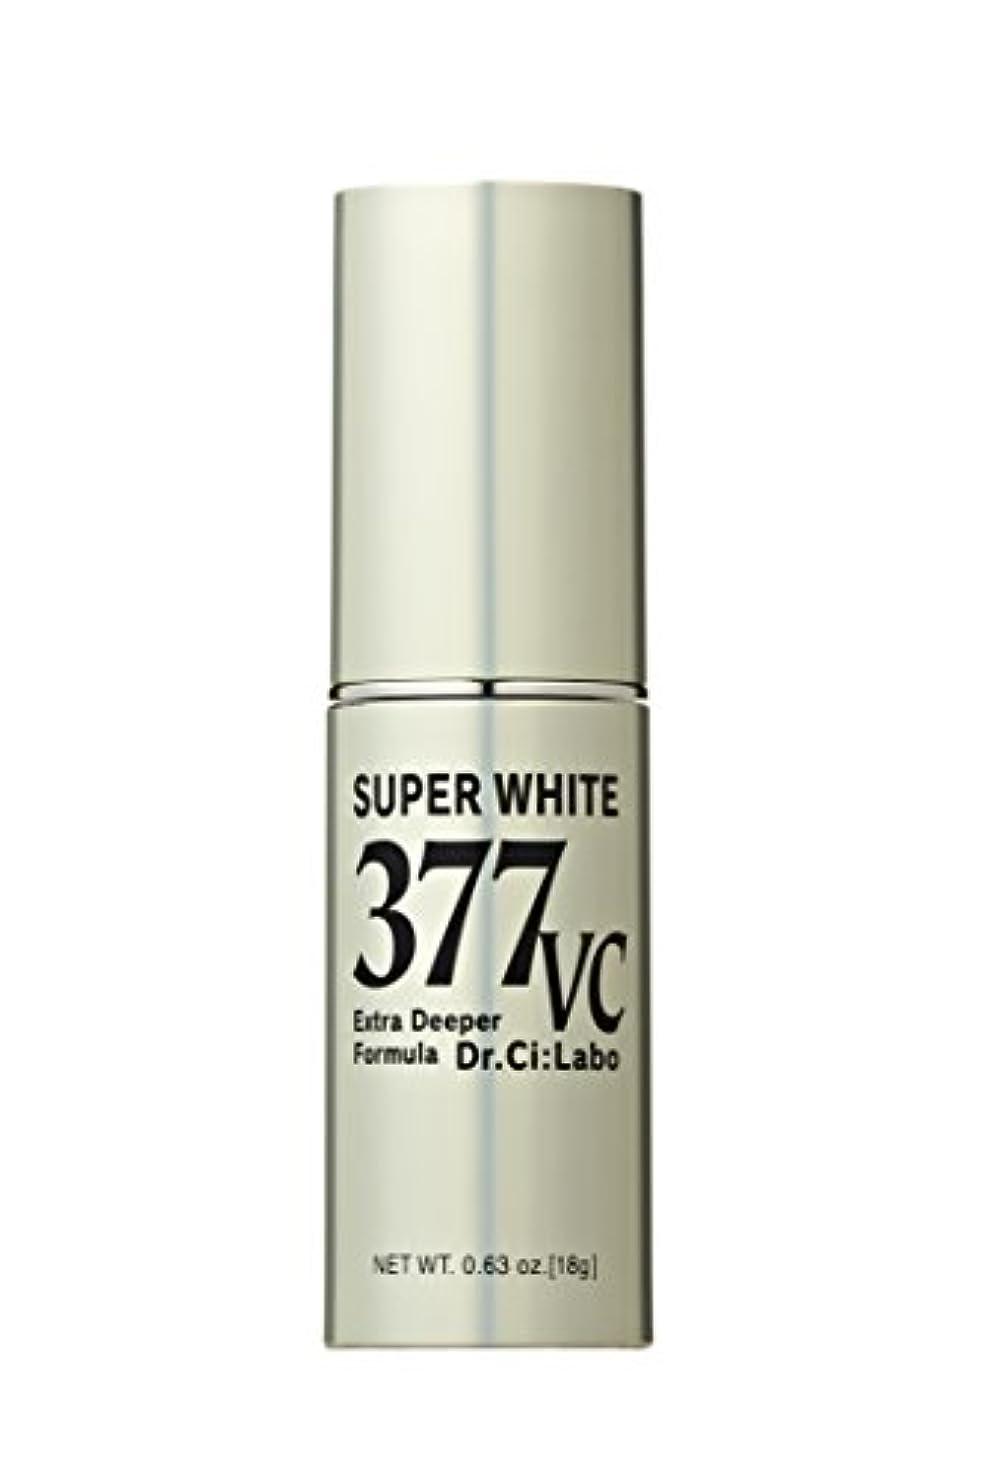 関連する更新する中国ドクターシーラボ スーパーホワイト377VC(ブイシー) 高浸透ビタミンC 美容液 単品 18g